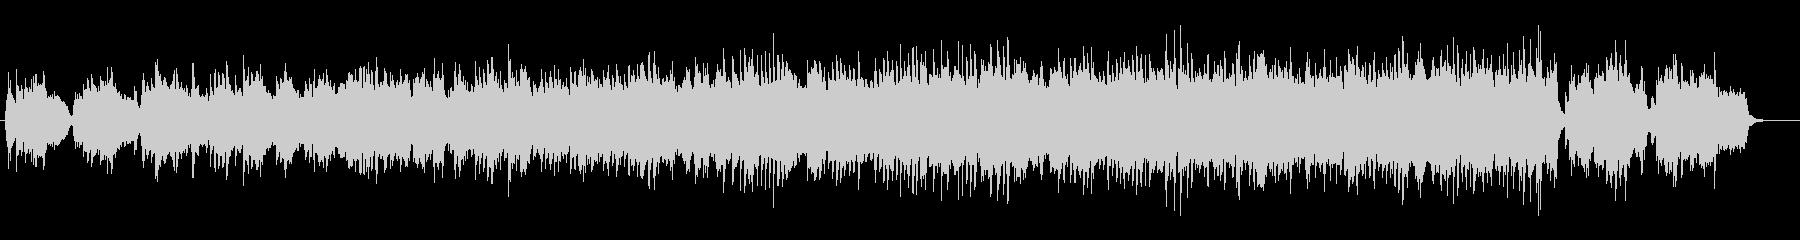 ピアノとストリングスの勇気が出るバラードの未再生の波形